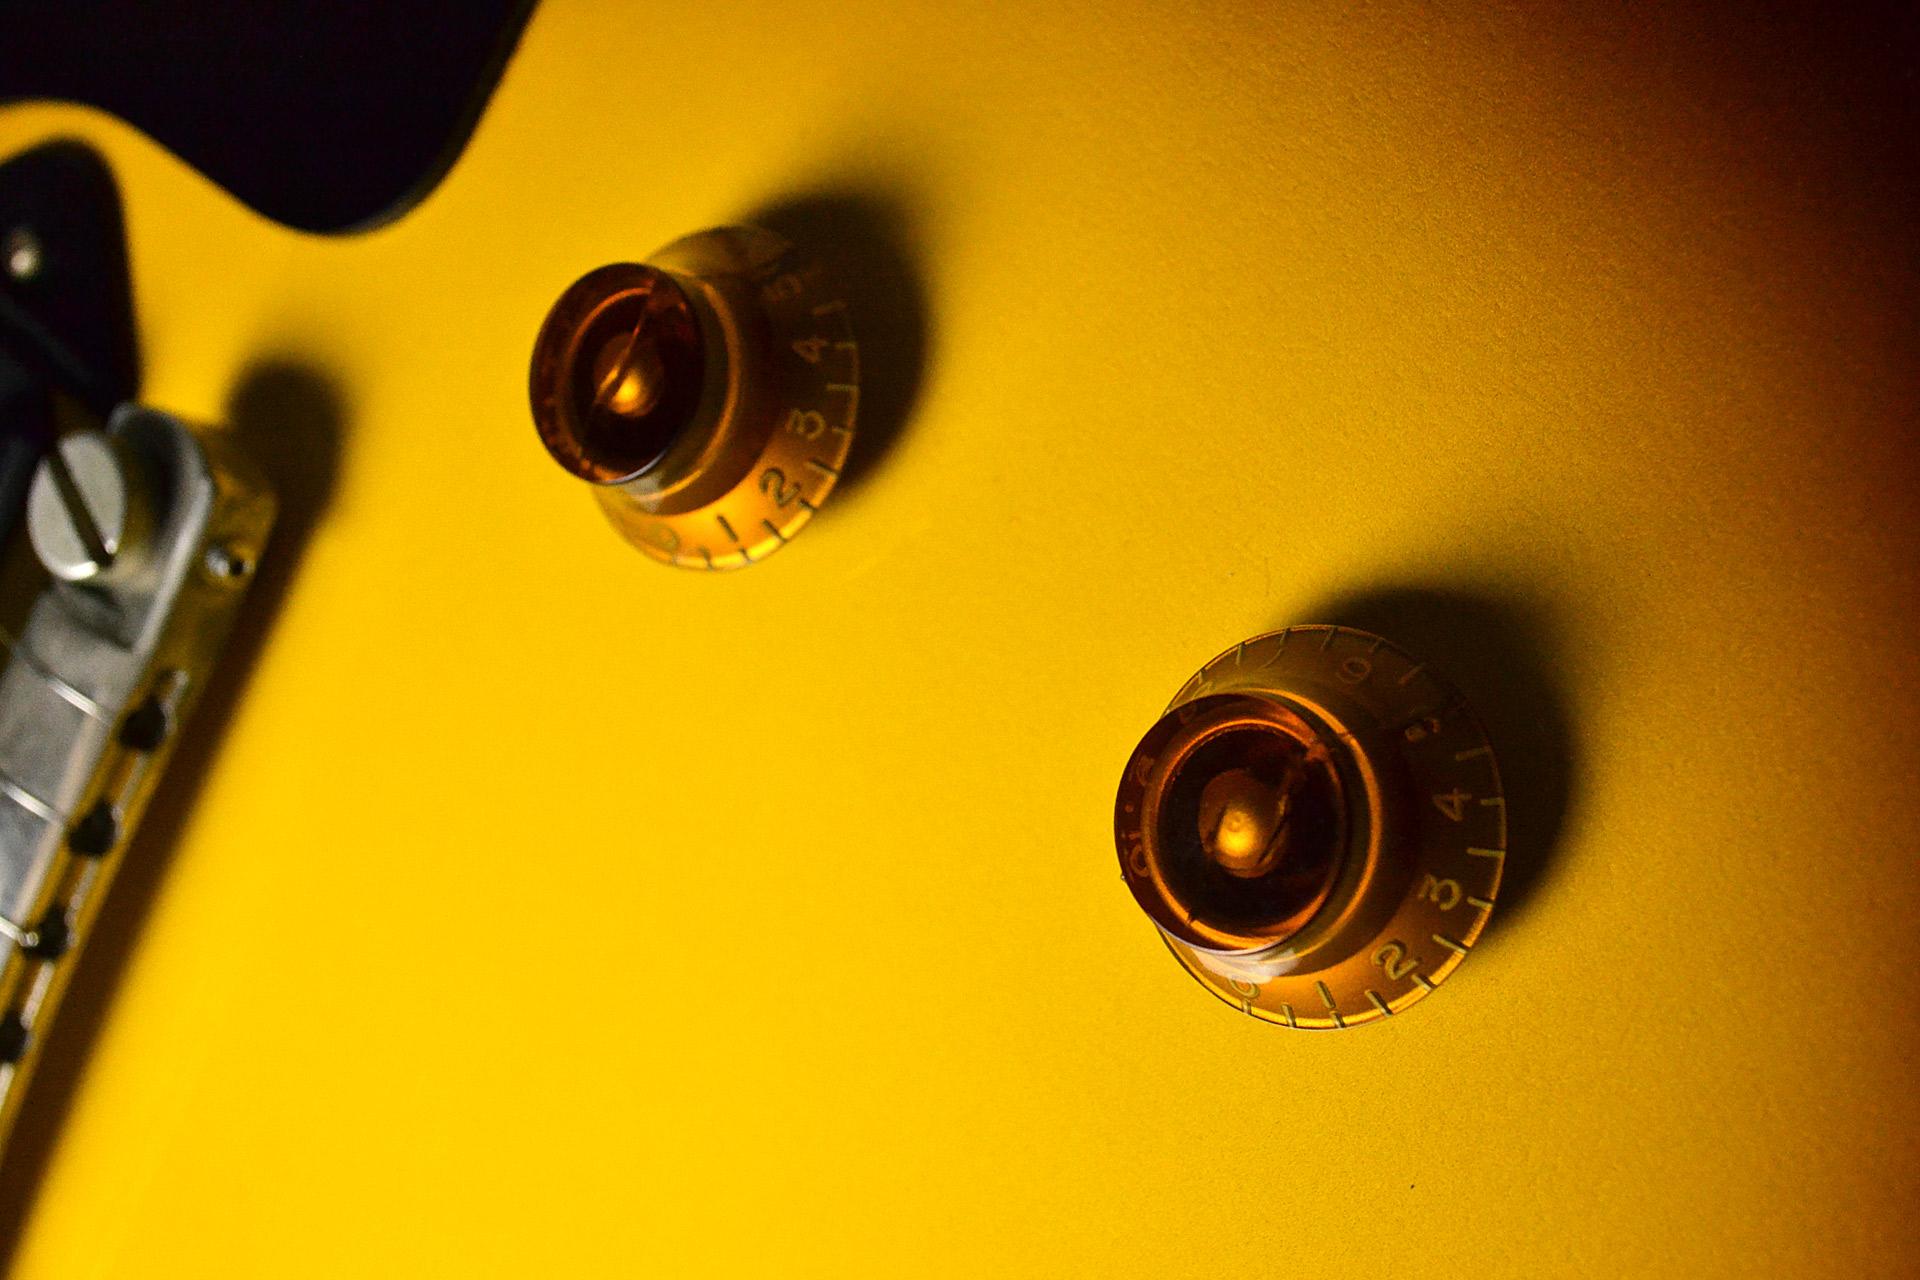 1957 Les Paul Junior Single Cut VOS Tabacco Sunburst 2005のケース・その他画像